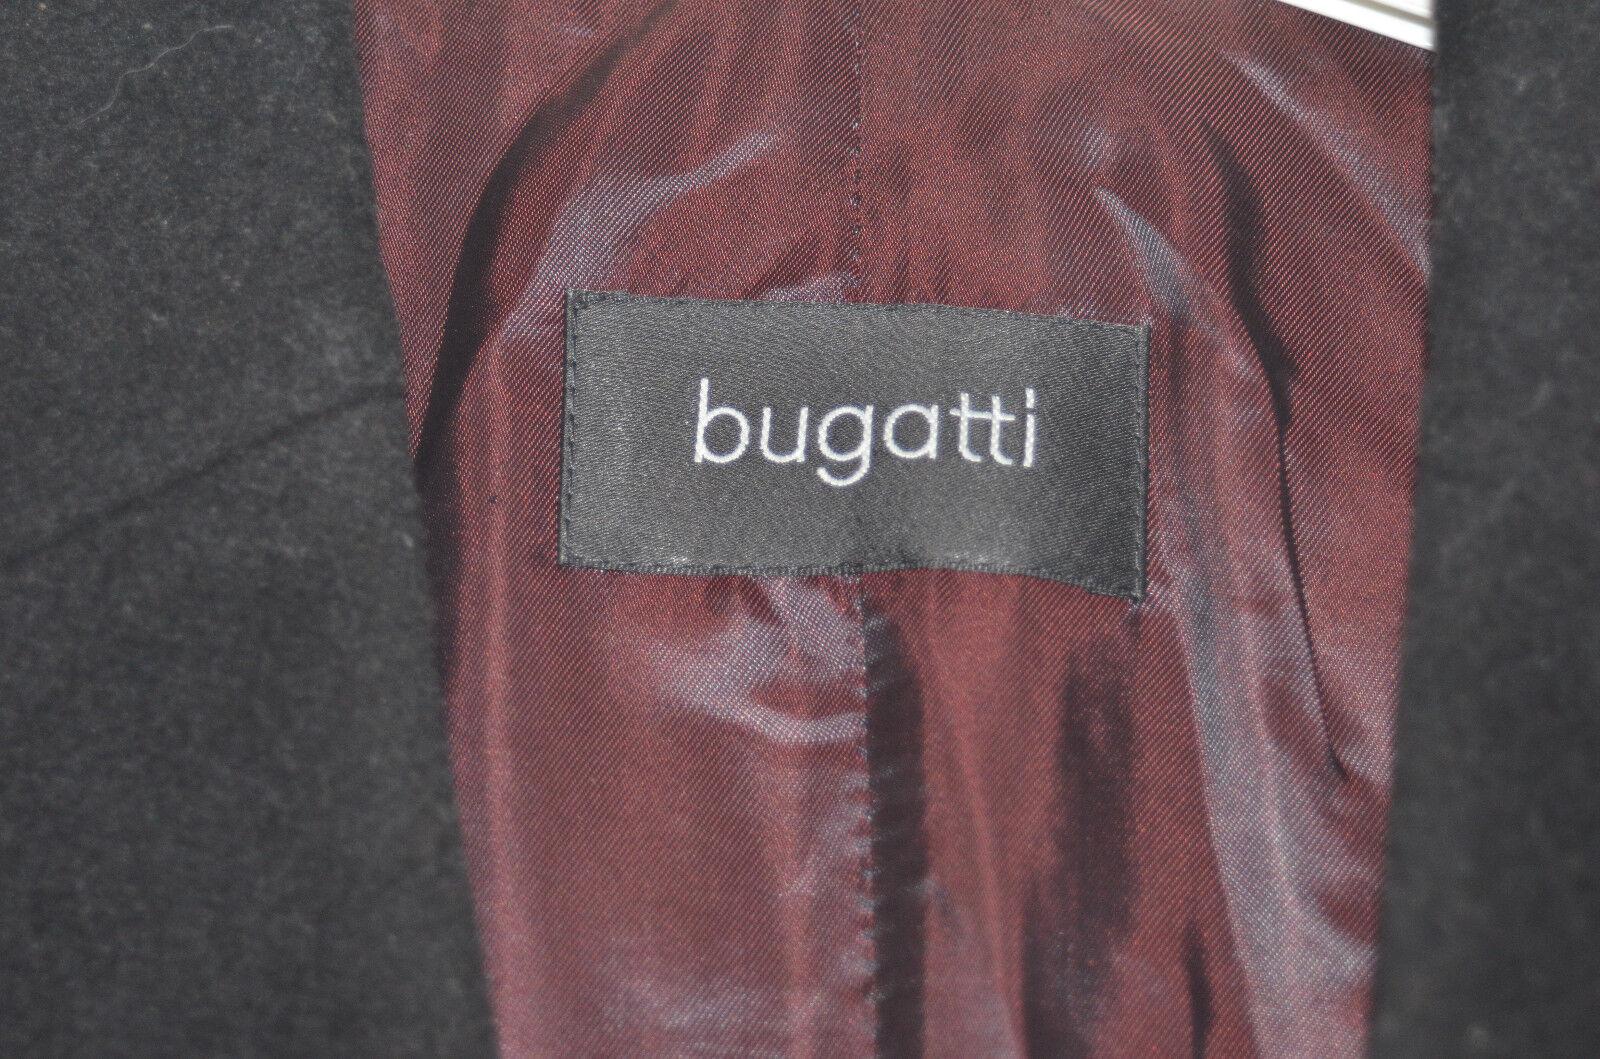 Bugatti Hommes Femmeteau court, taille 27, noir, P. très élégant, NEUF, P. noir,   dbfbd5